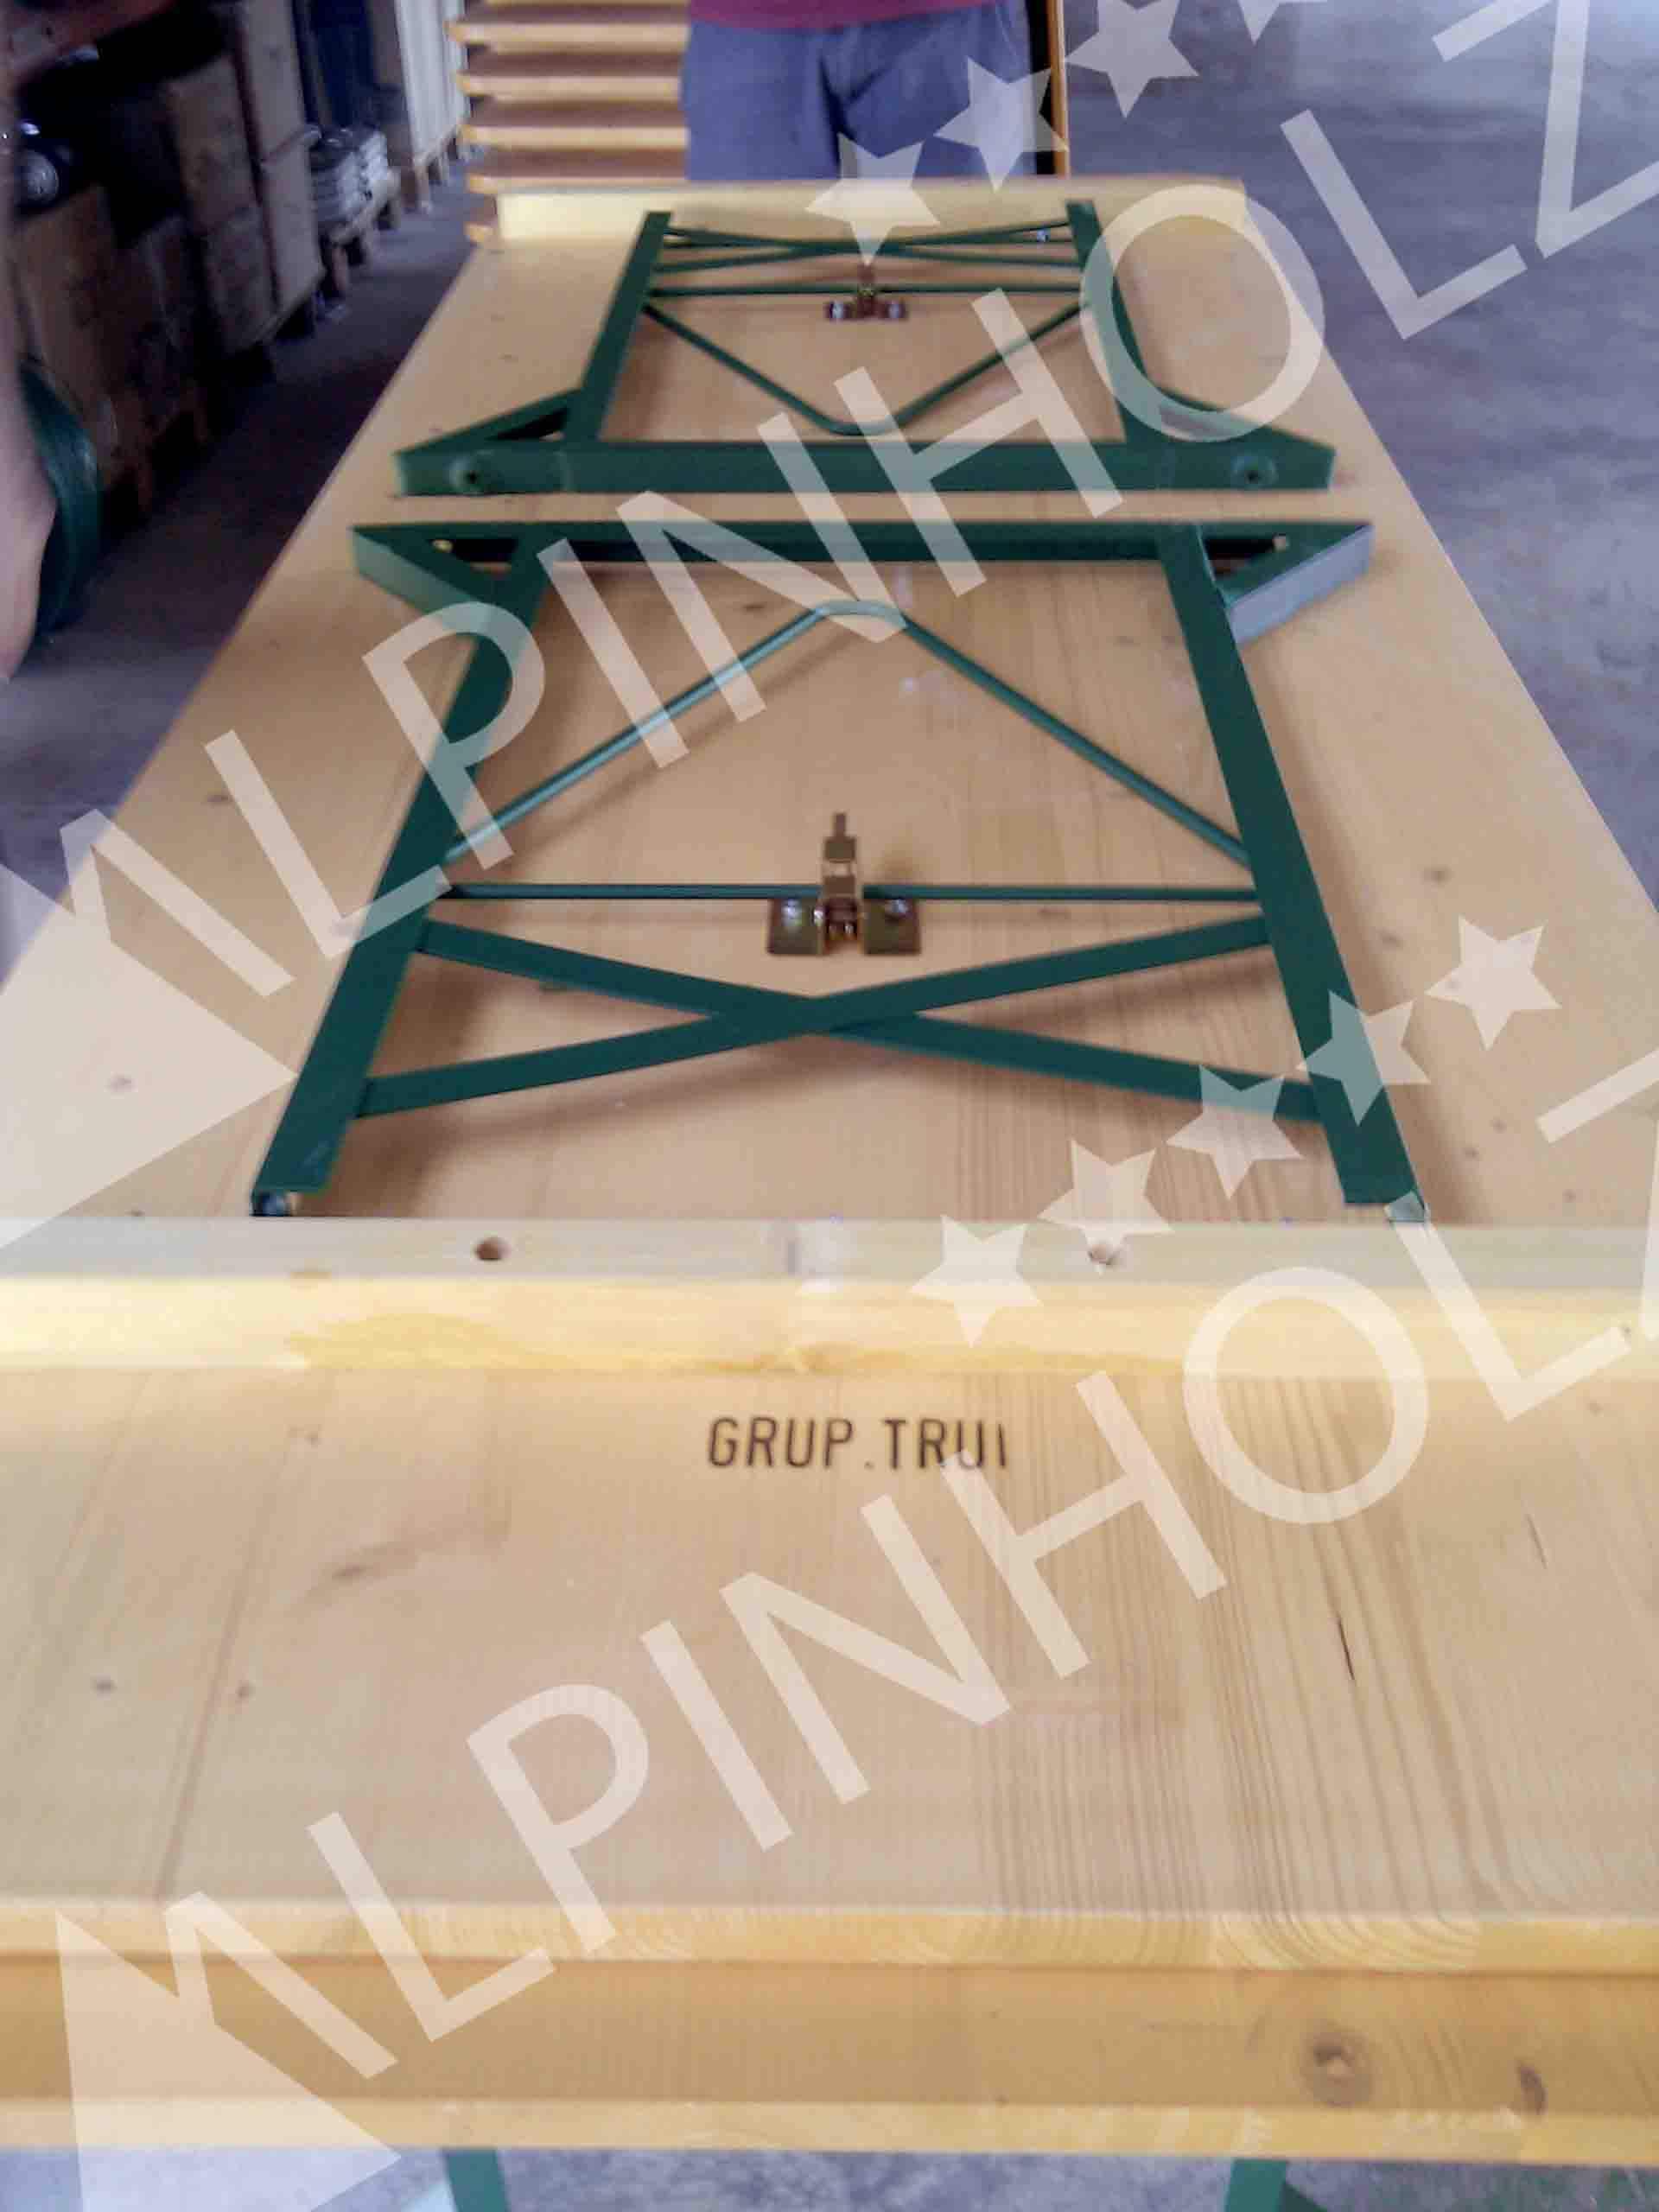 Mesas plegables de madera Alpinholz, marcaje a fuego con el nombre de su negocio